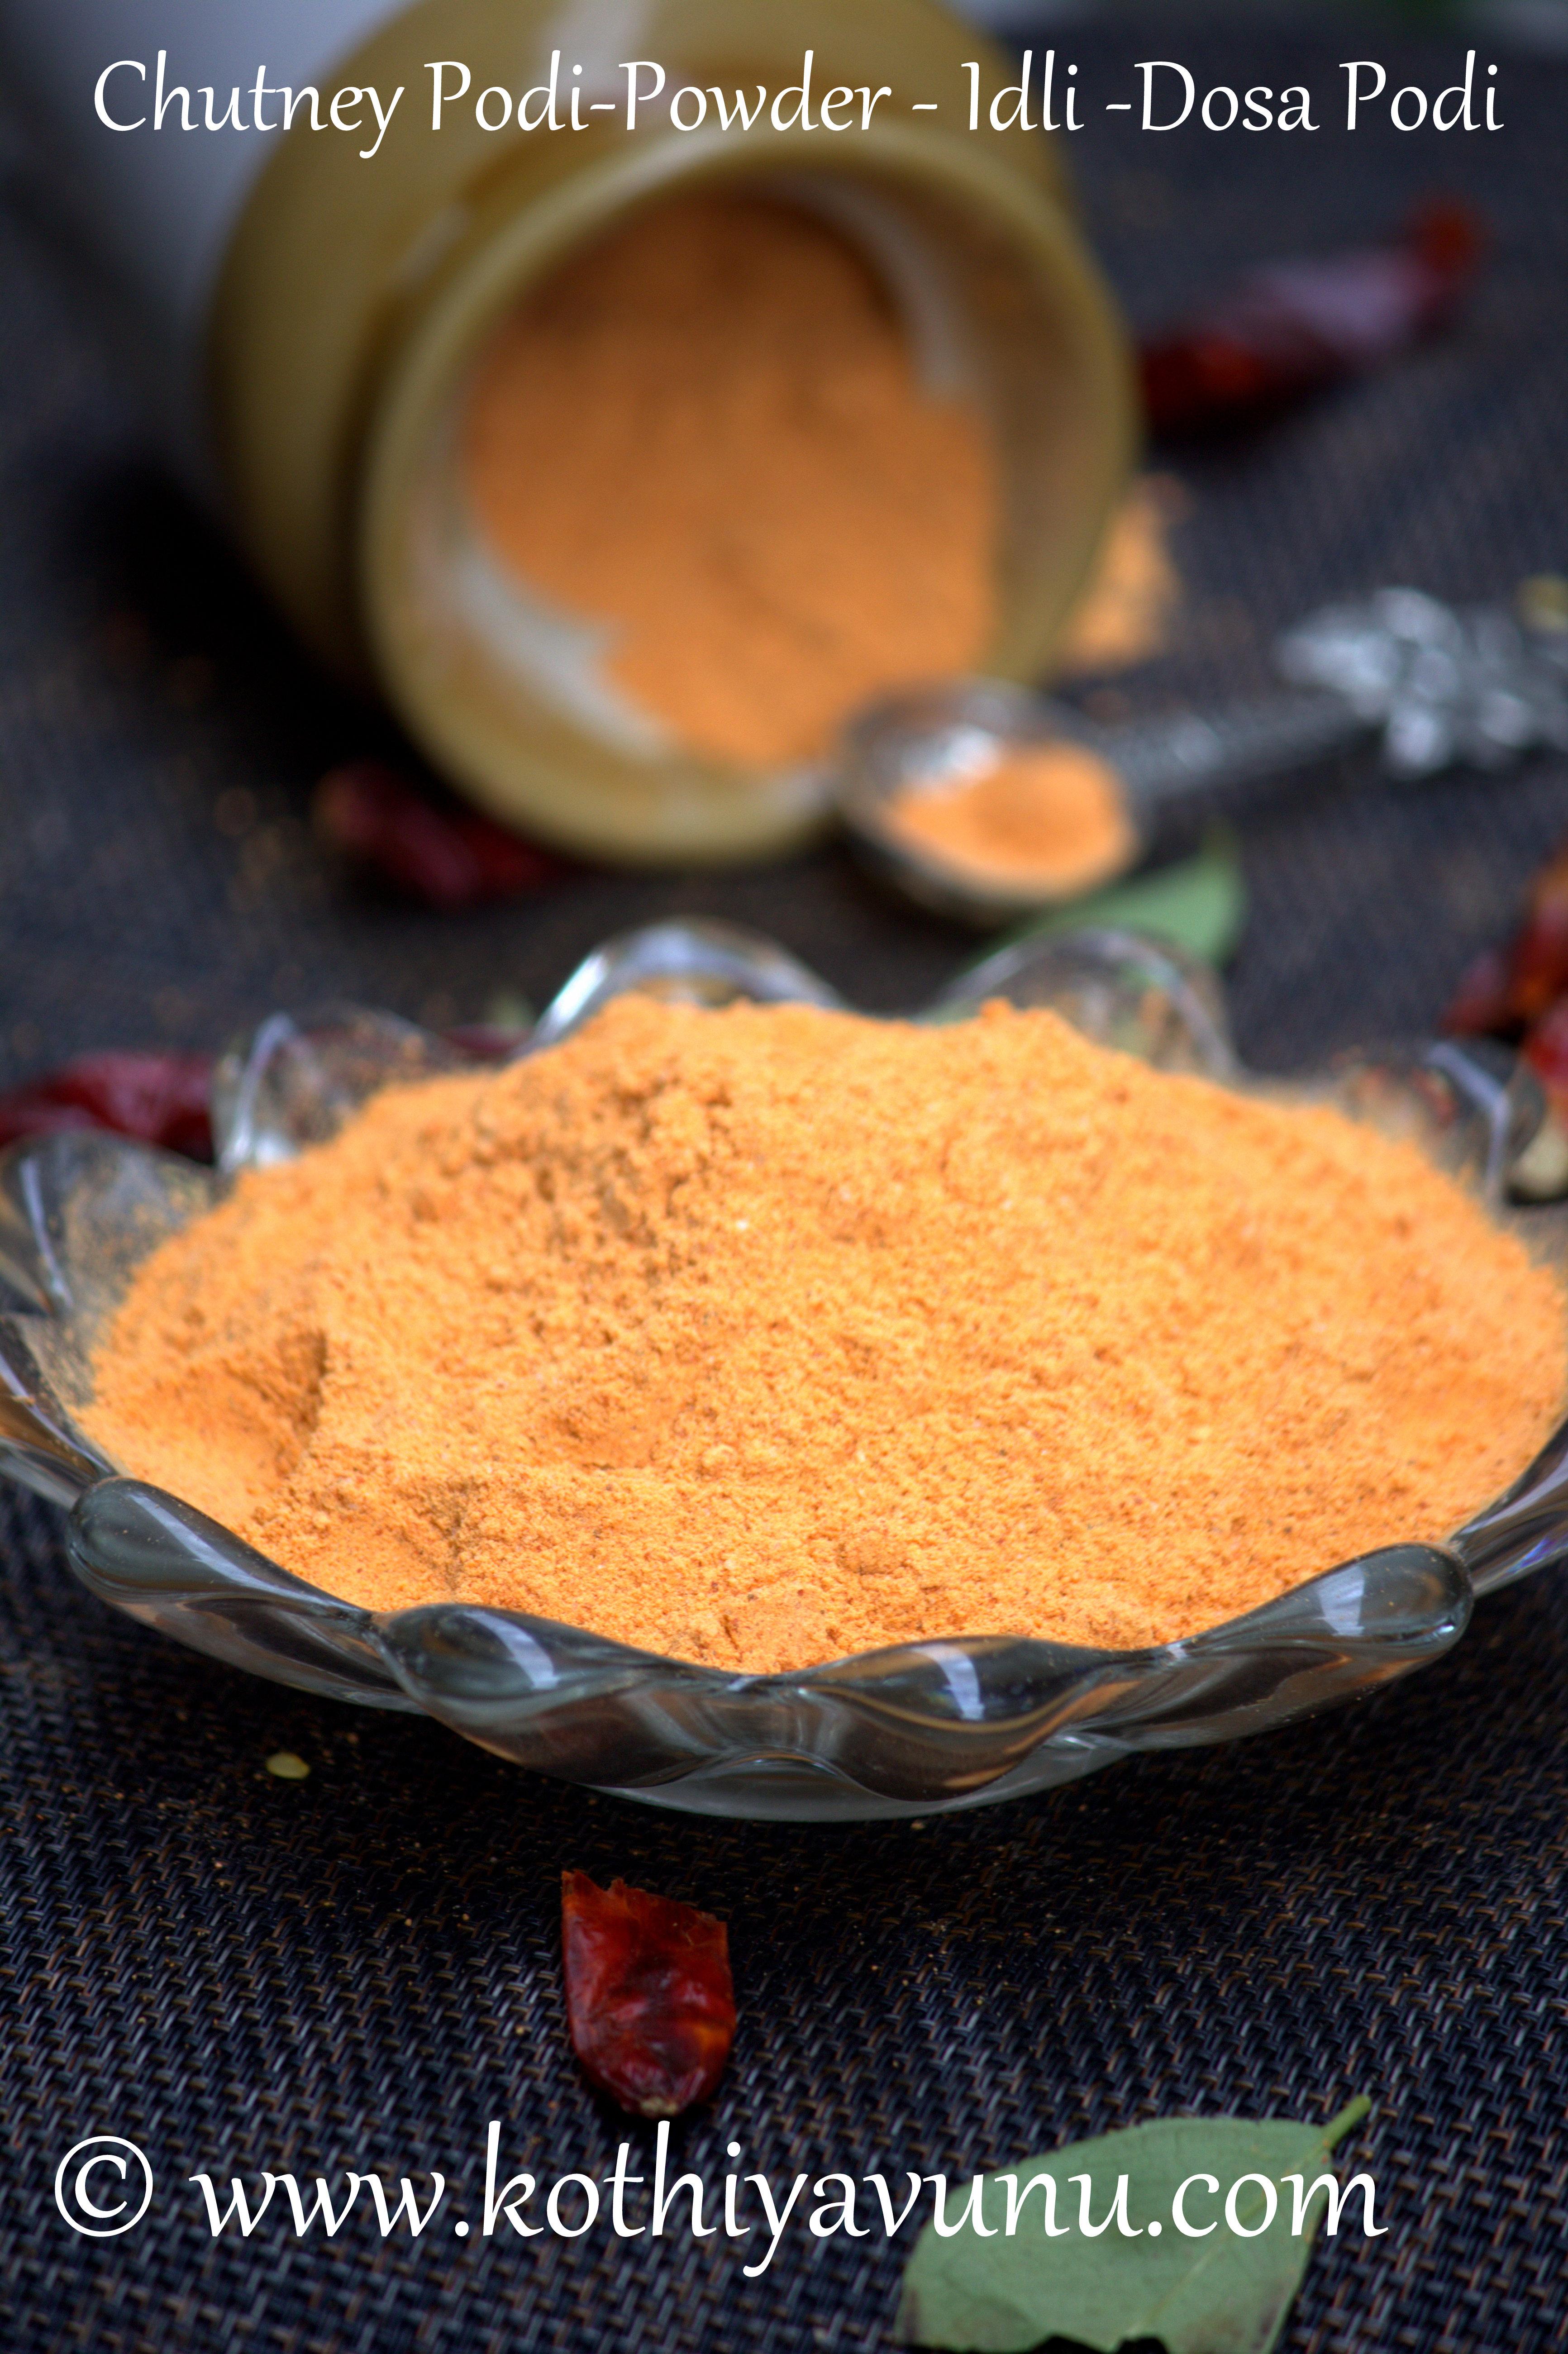 Idli Dosa Podi Chutney Powder Recipe Kothiyavunu Com